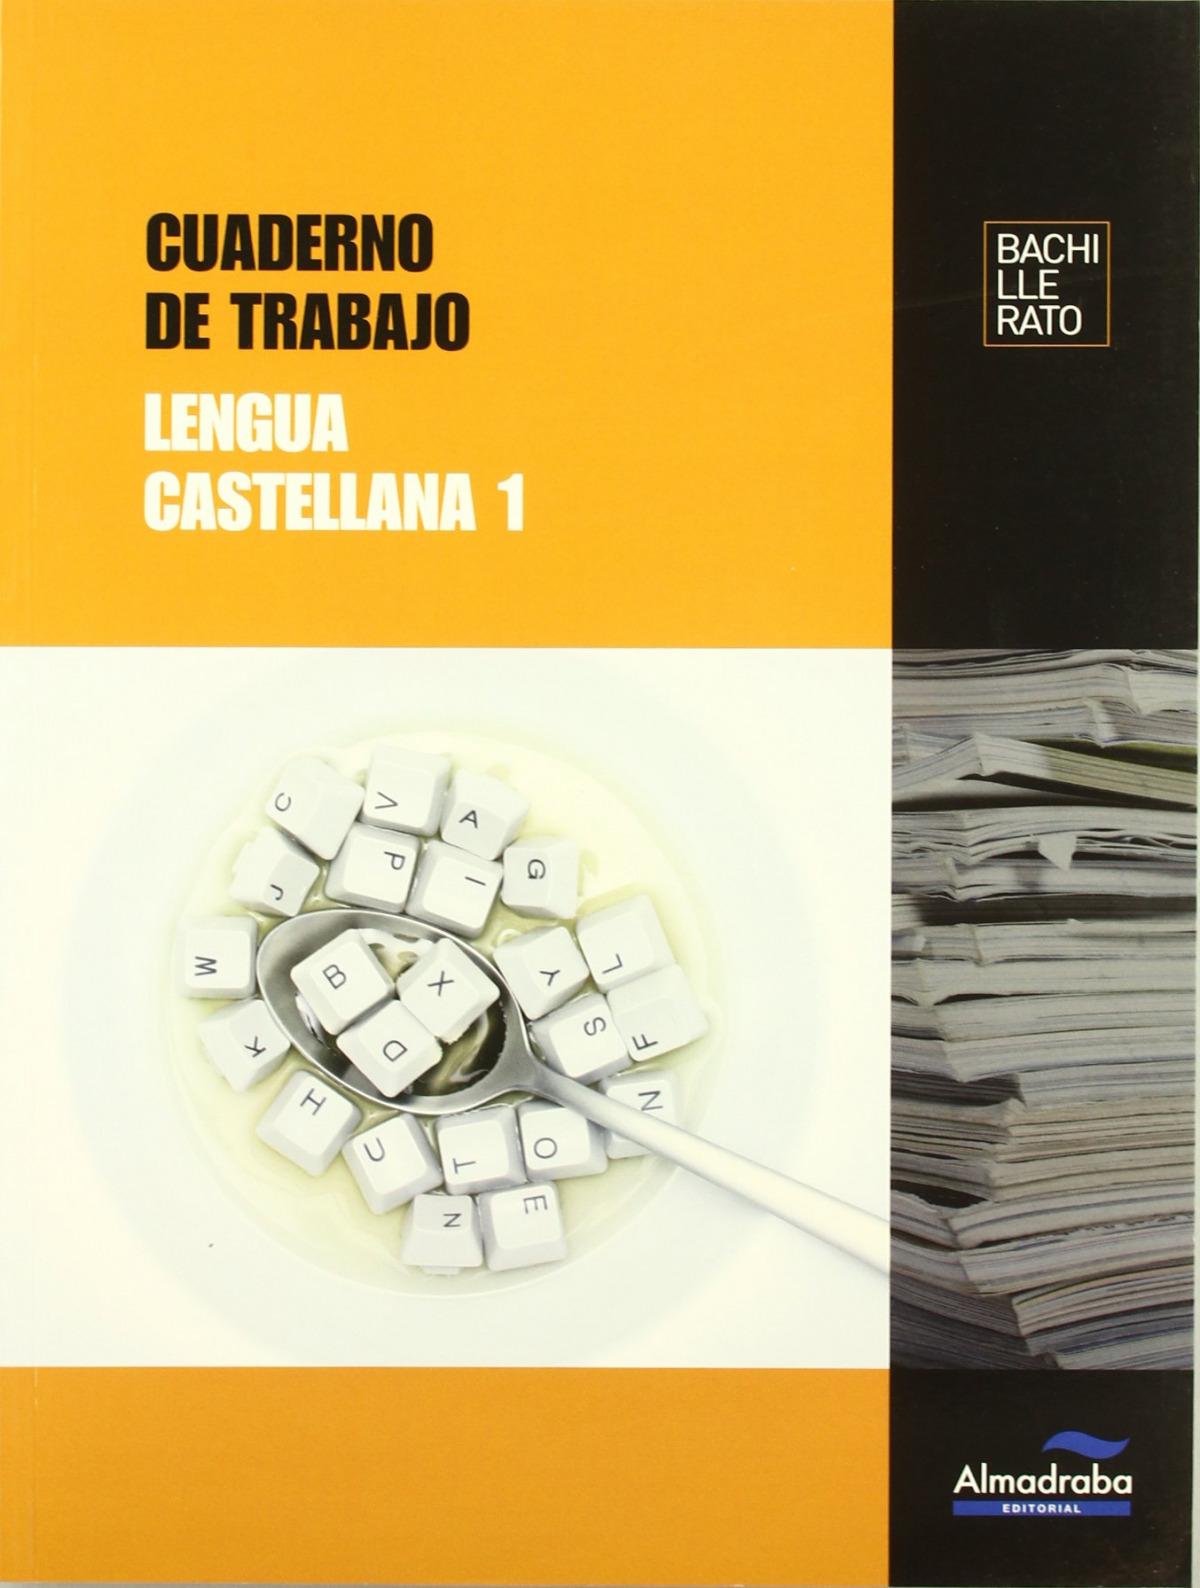 Cuaderno de trabajo Lengua castellana 1 - Fernández Villarroel, David/Huerto Castelló, José Javier/Rodríguez Castillejo, Dolores